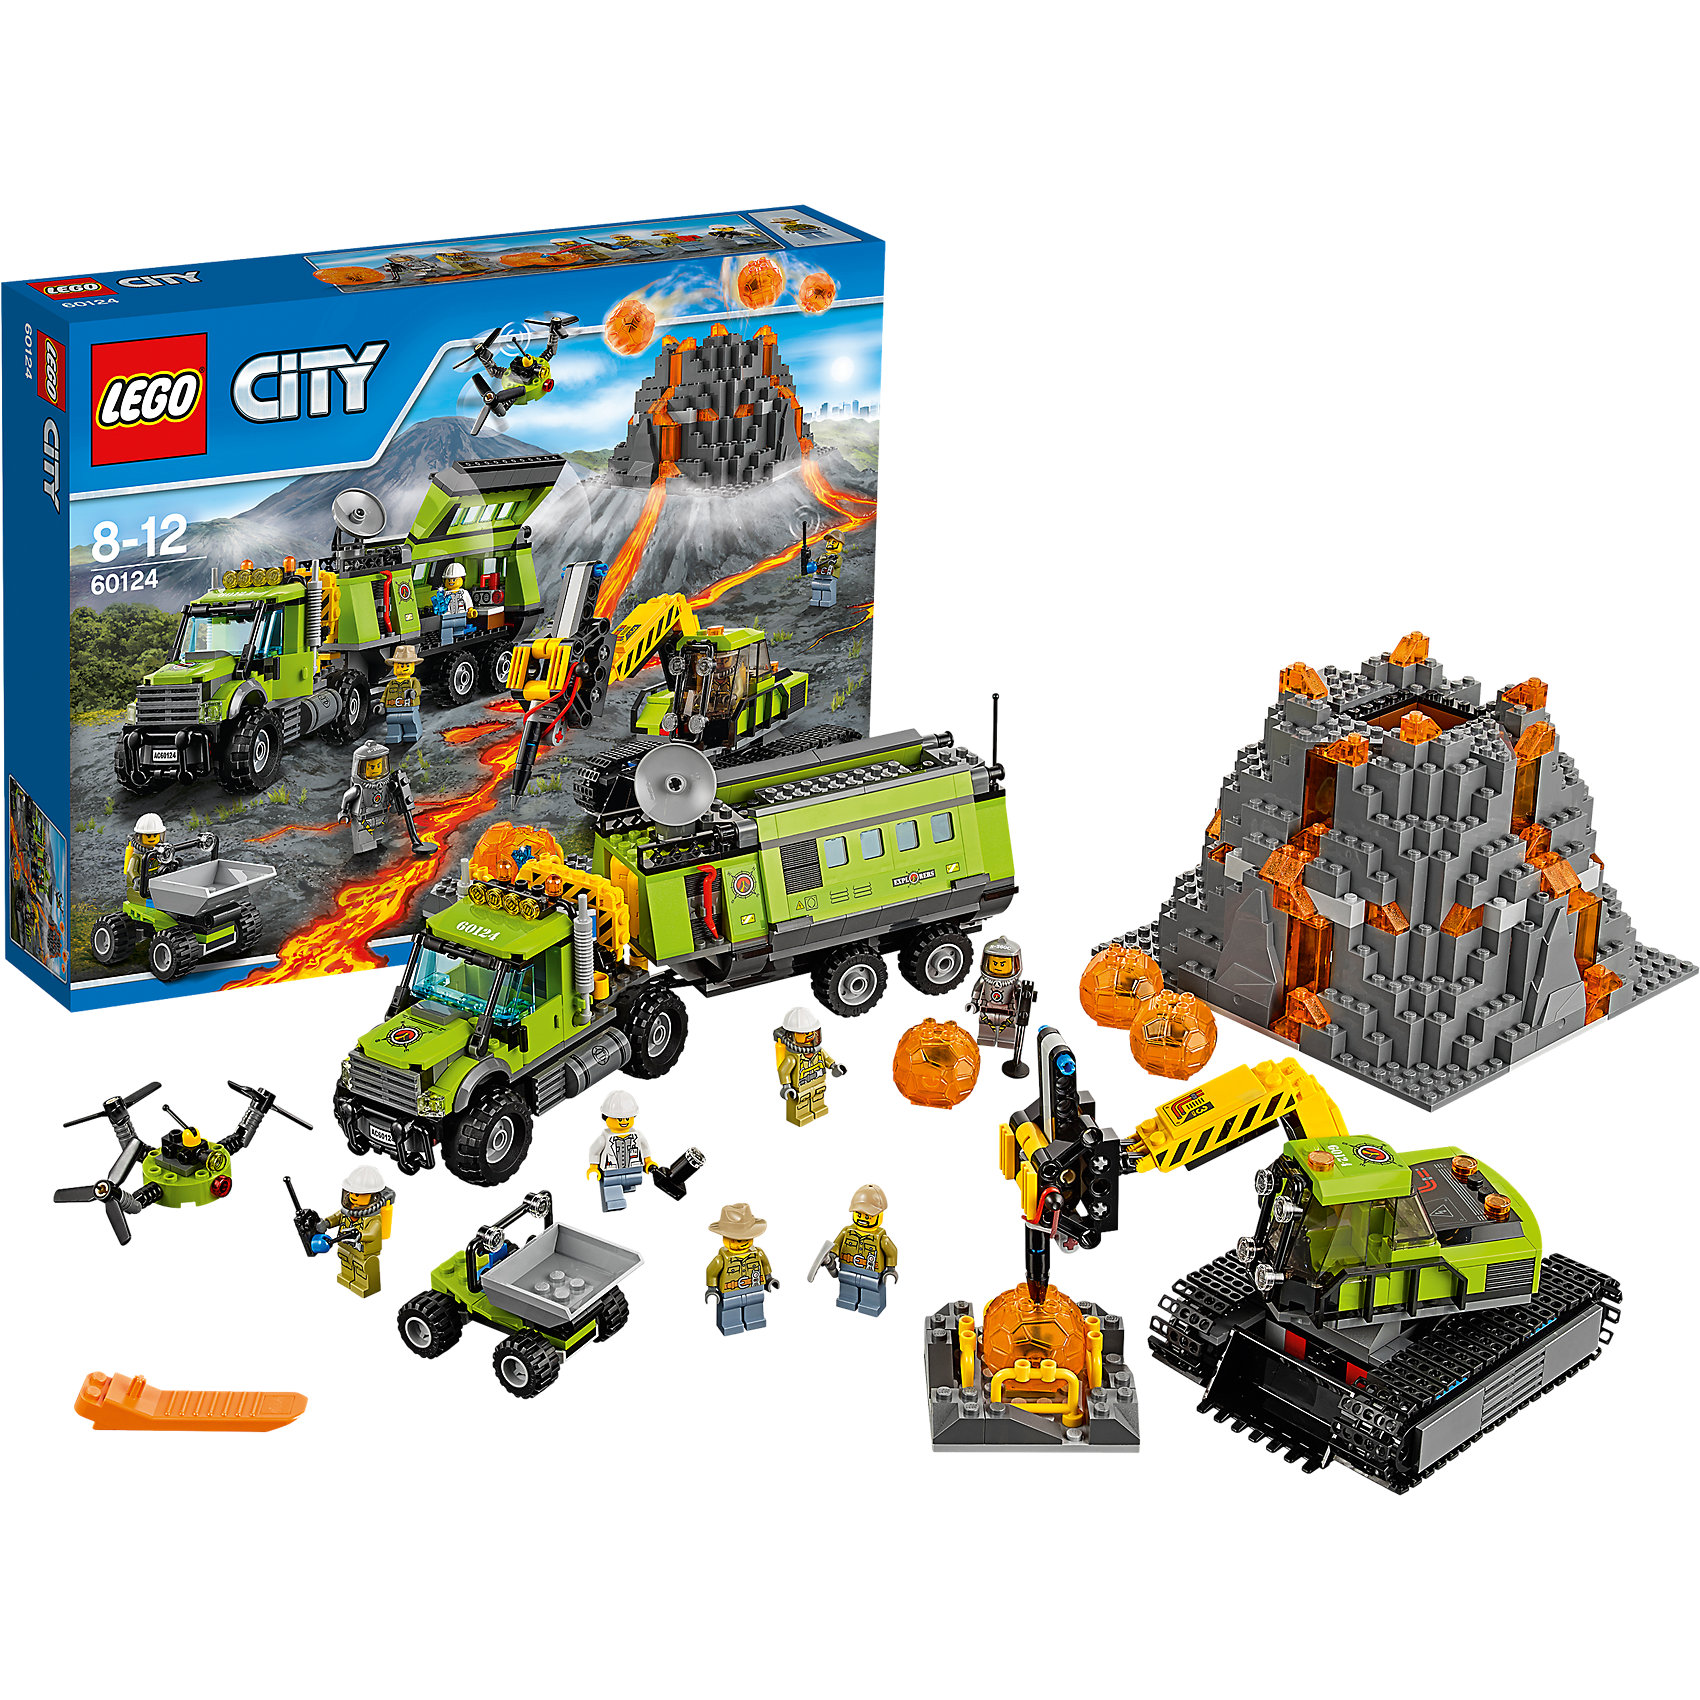 LEGO LEGO City 60124: База исследователей вулканов lego city 60123 лего сити грузовой вертолёт исследователей вулканов